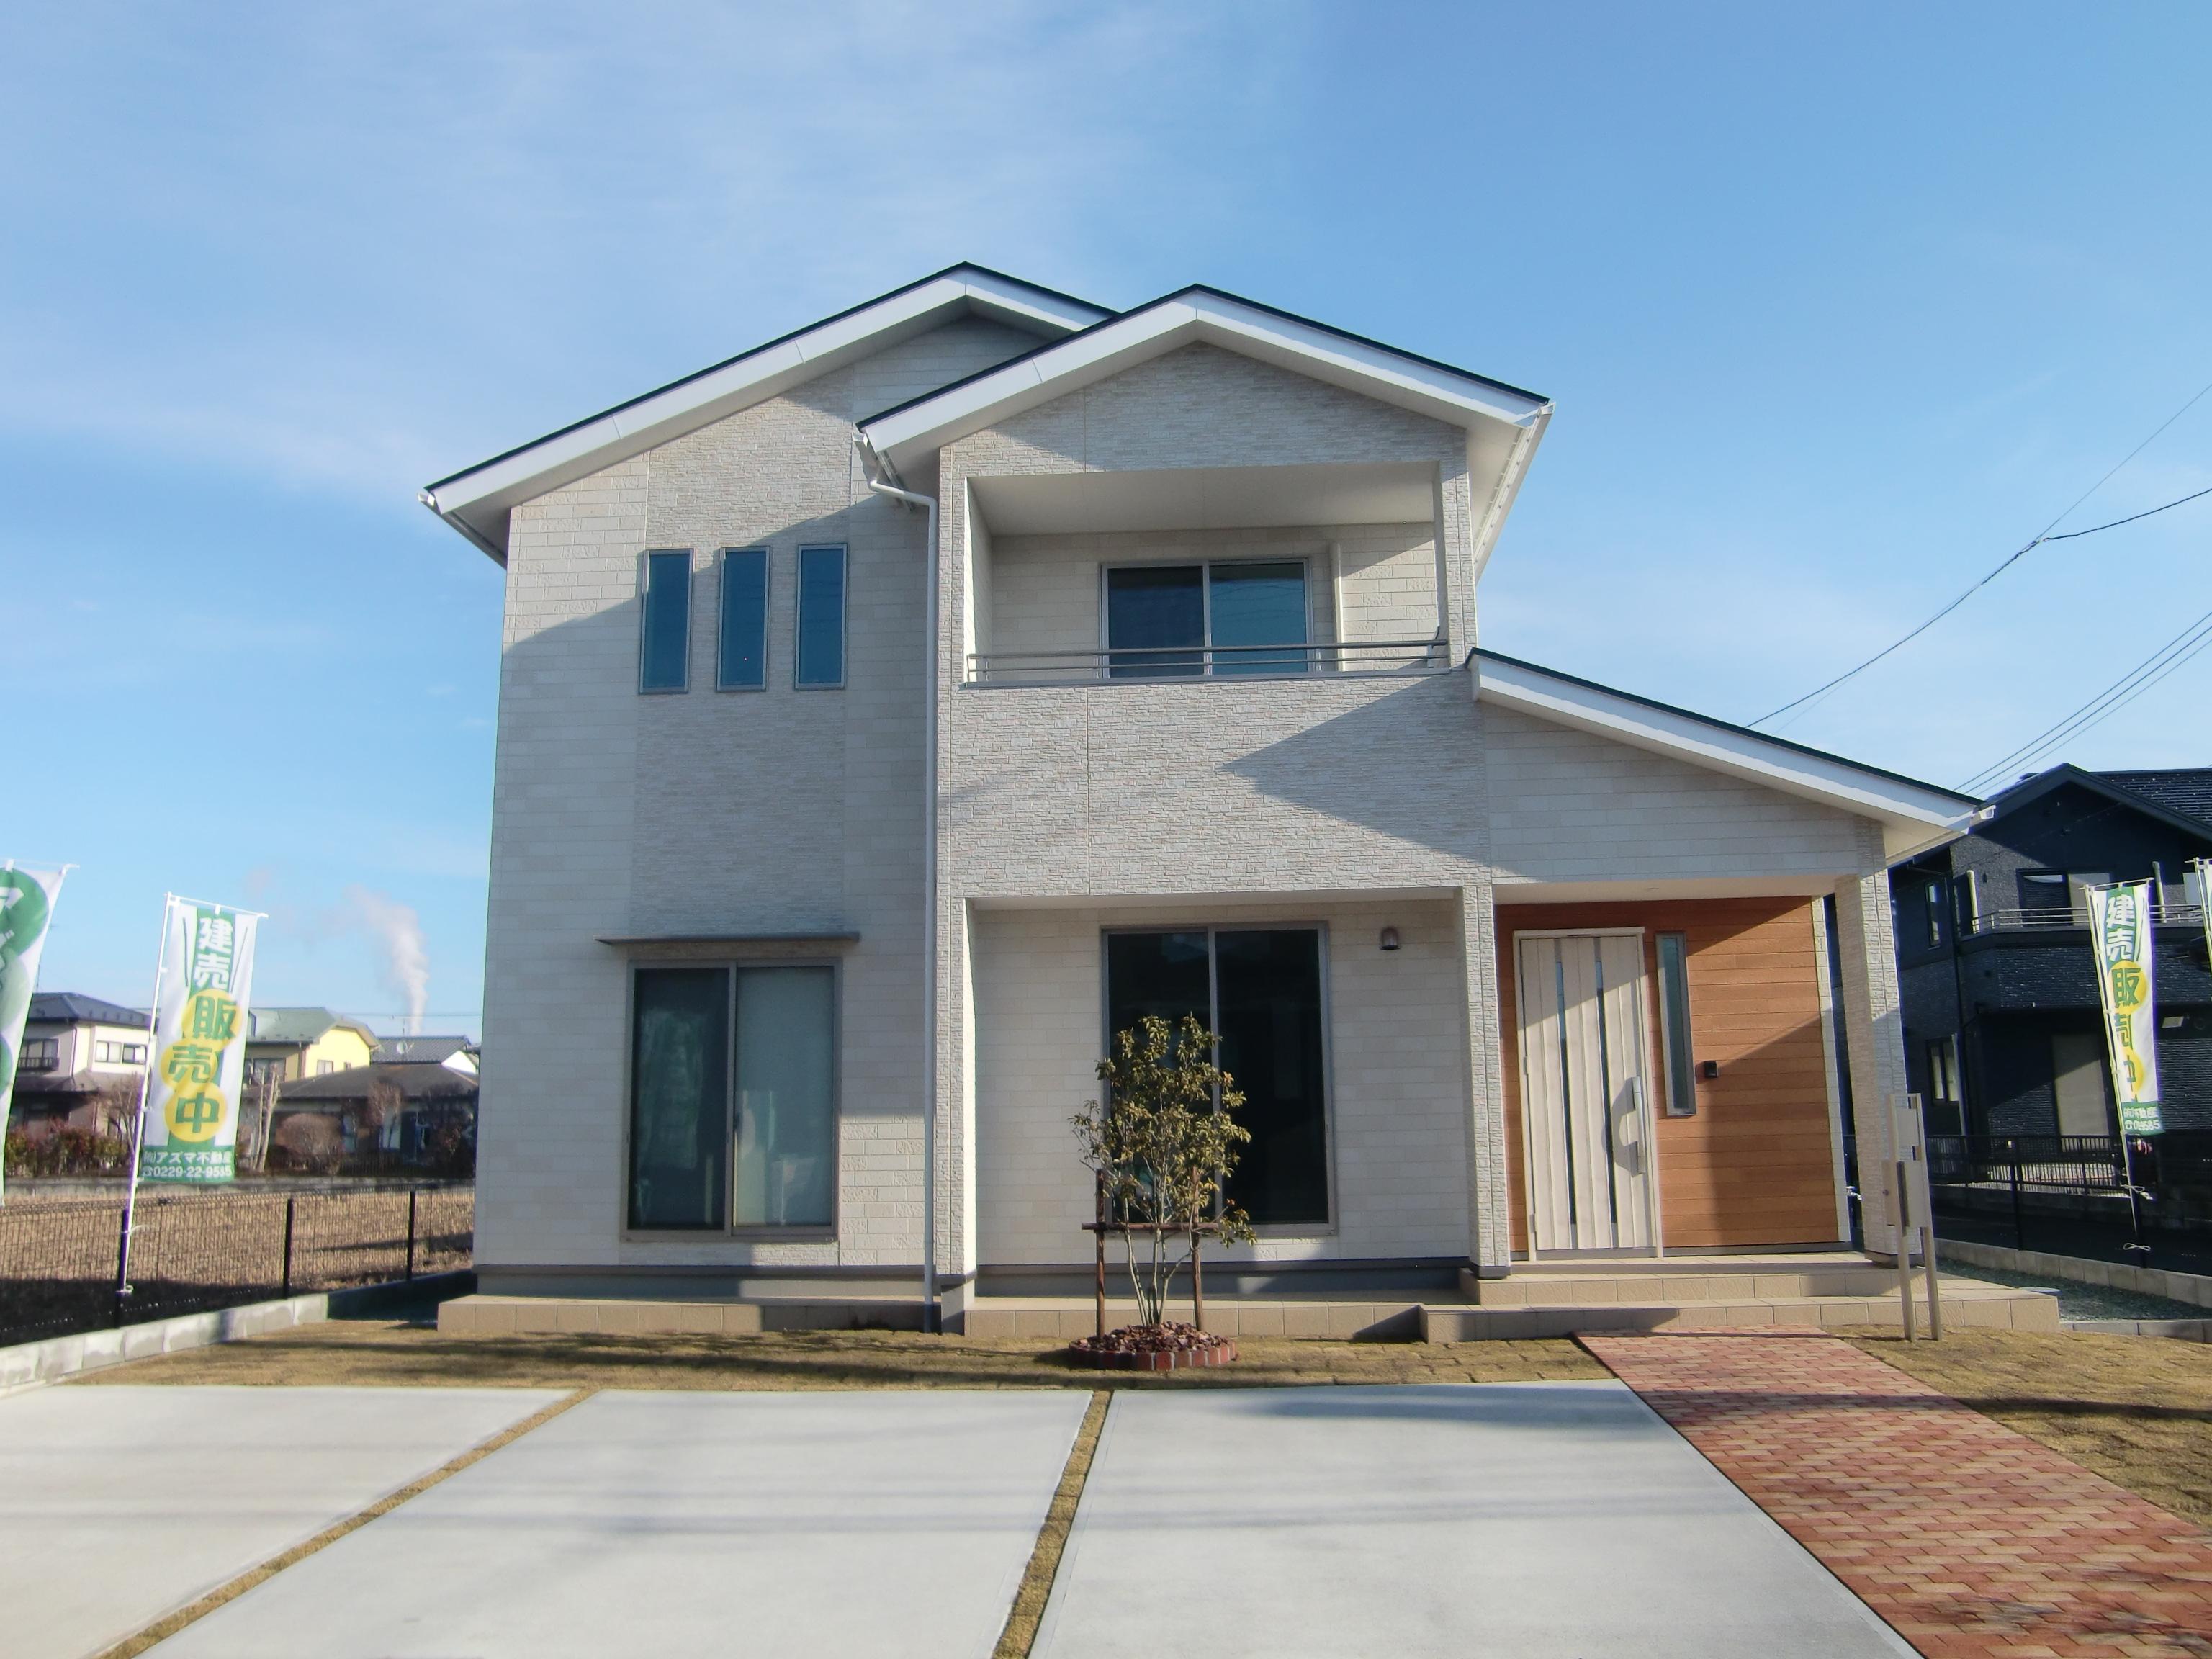 白い外壁と切妻屋根が特徴の外観